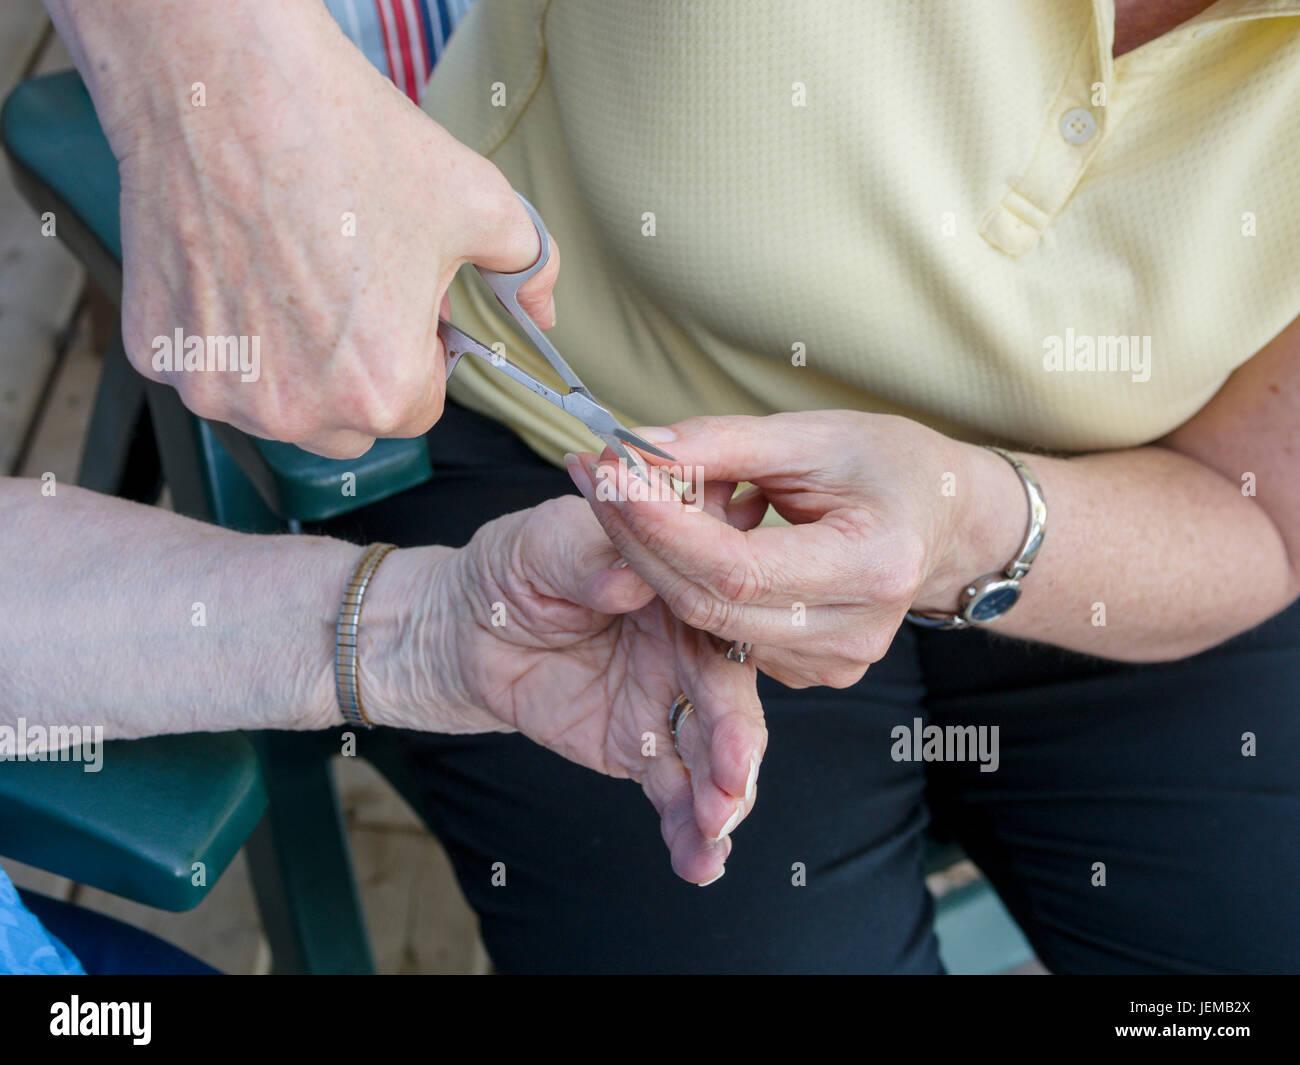 Eine ältere Frau Fingernägel trimmen: eine Frau mit Schere stutzt den Daumennagel eine ältere Frau Stockbild